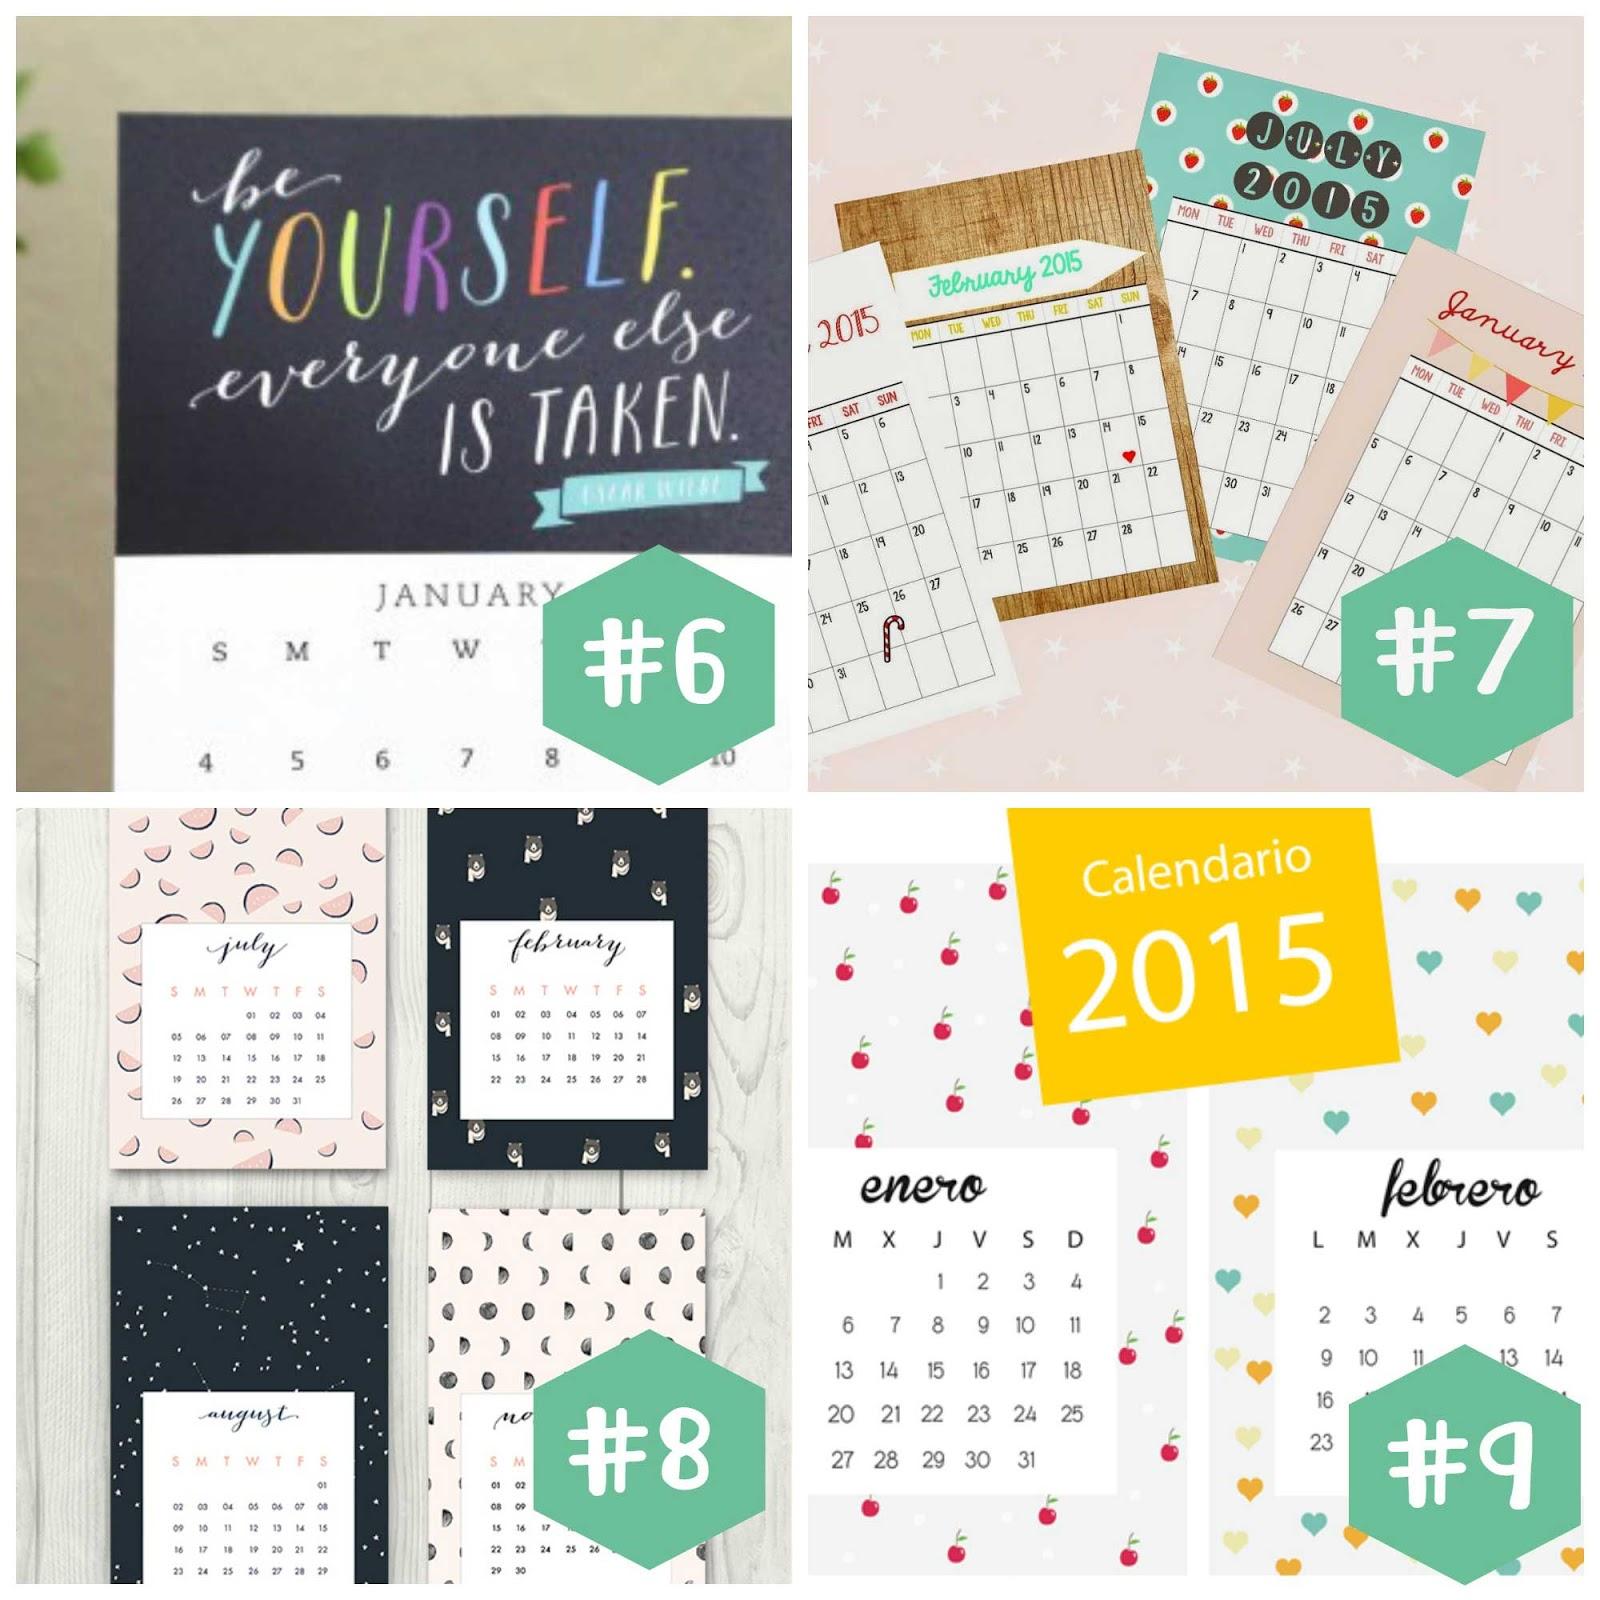 calendarios-para-imprimir